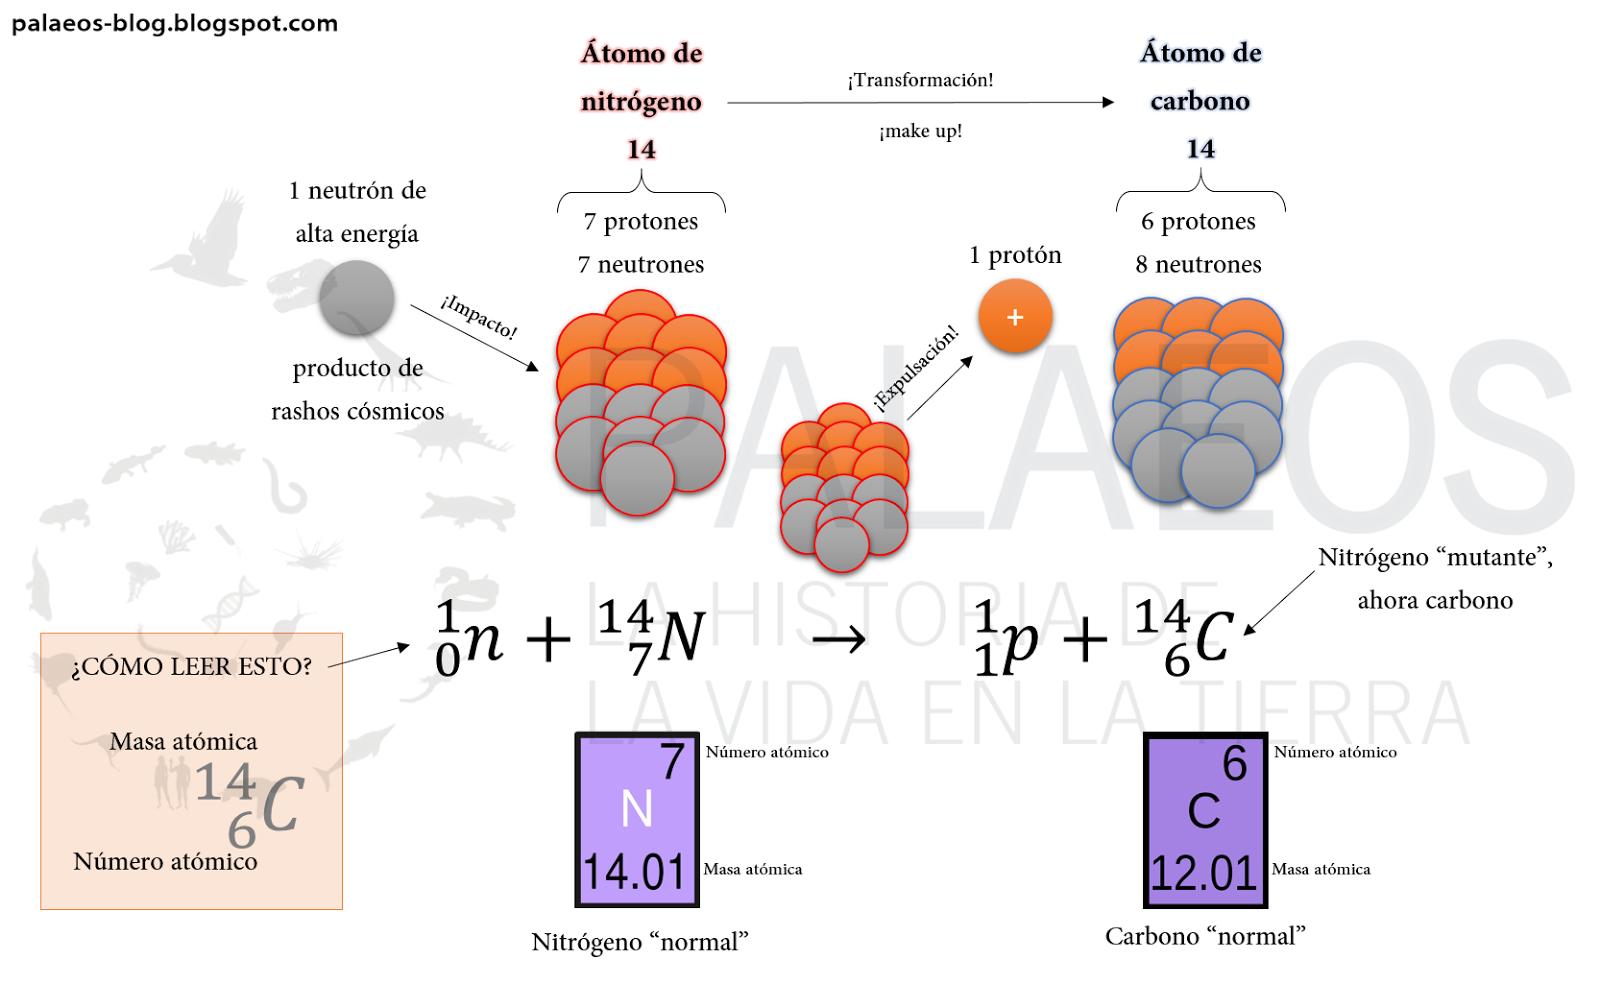 Palaeos, la historia de la Vida en la Tierra: Carbono 14 ¿cómo funciona?